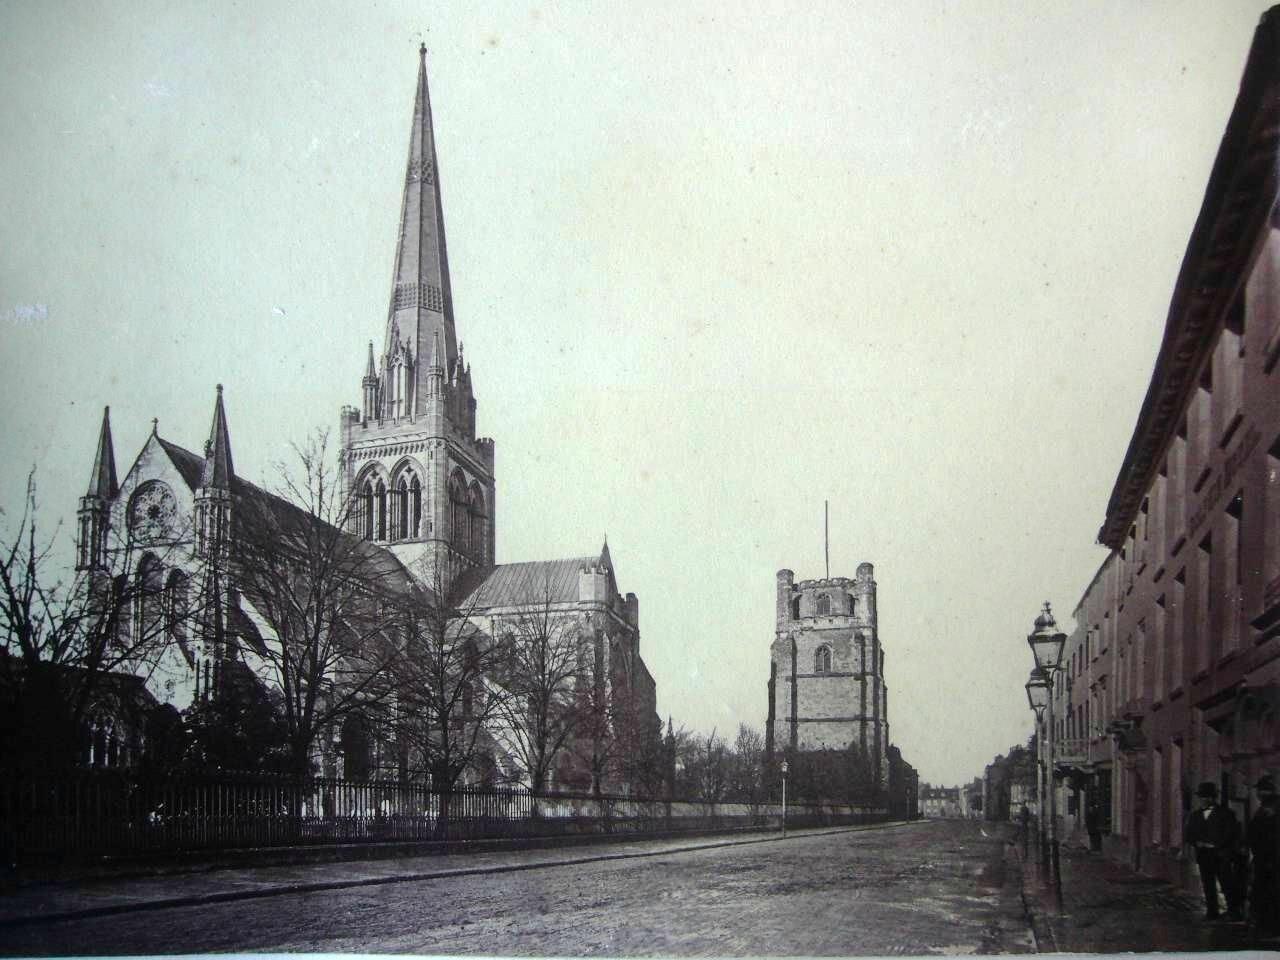 Чичестер. Кафедральный собор. 1870